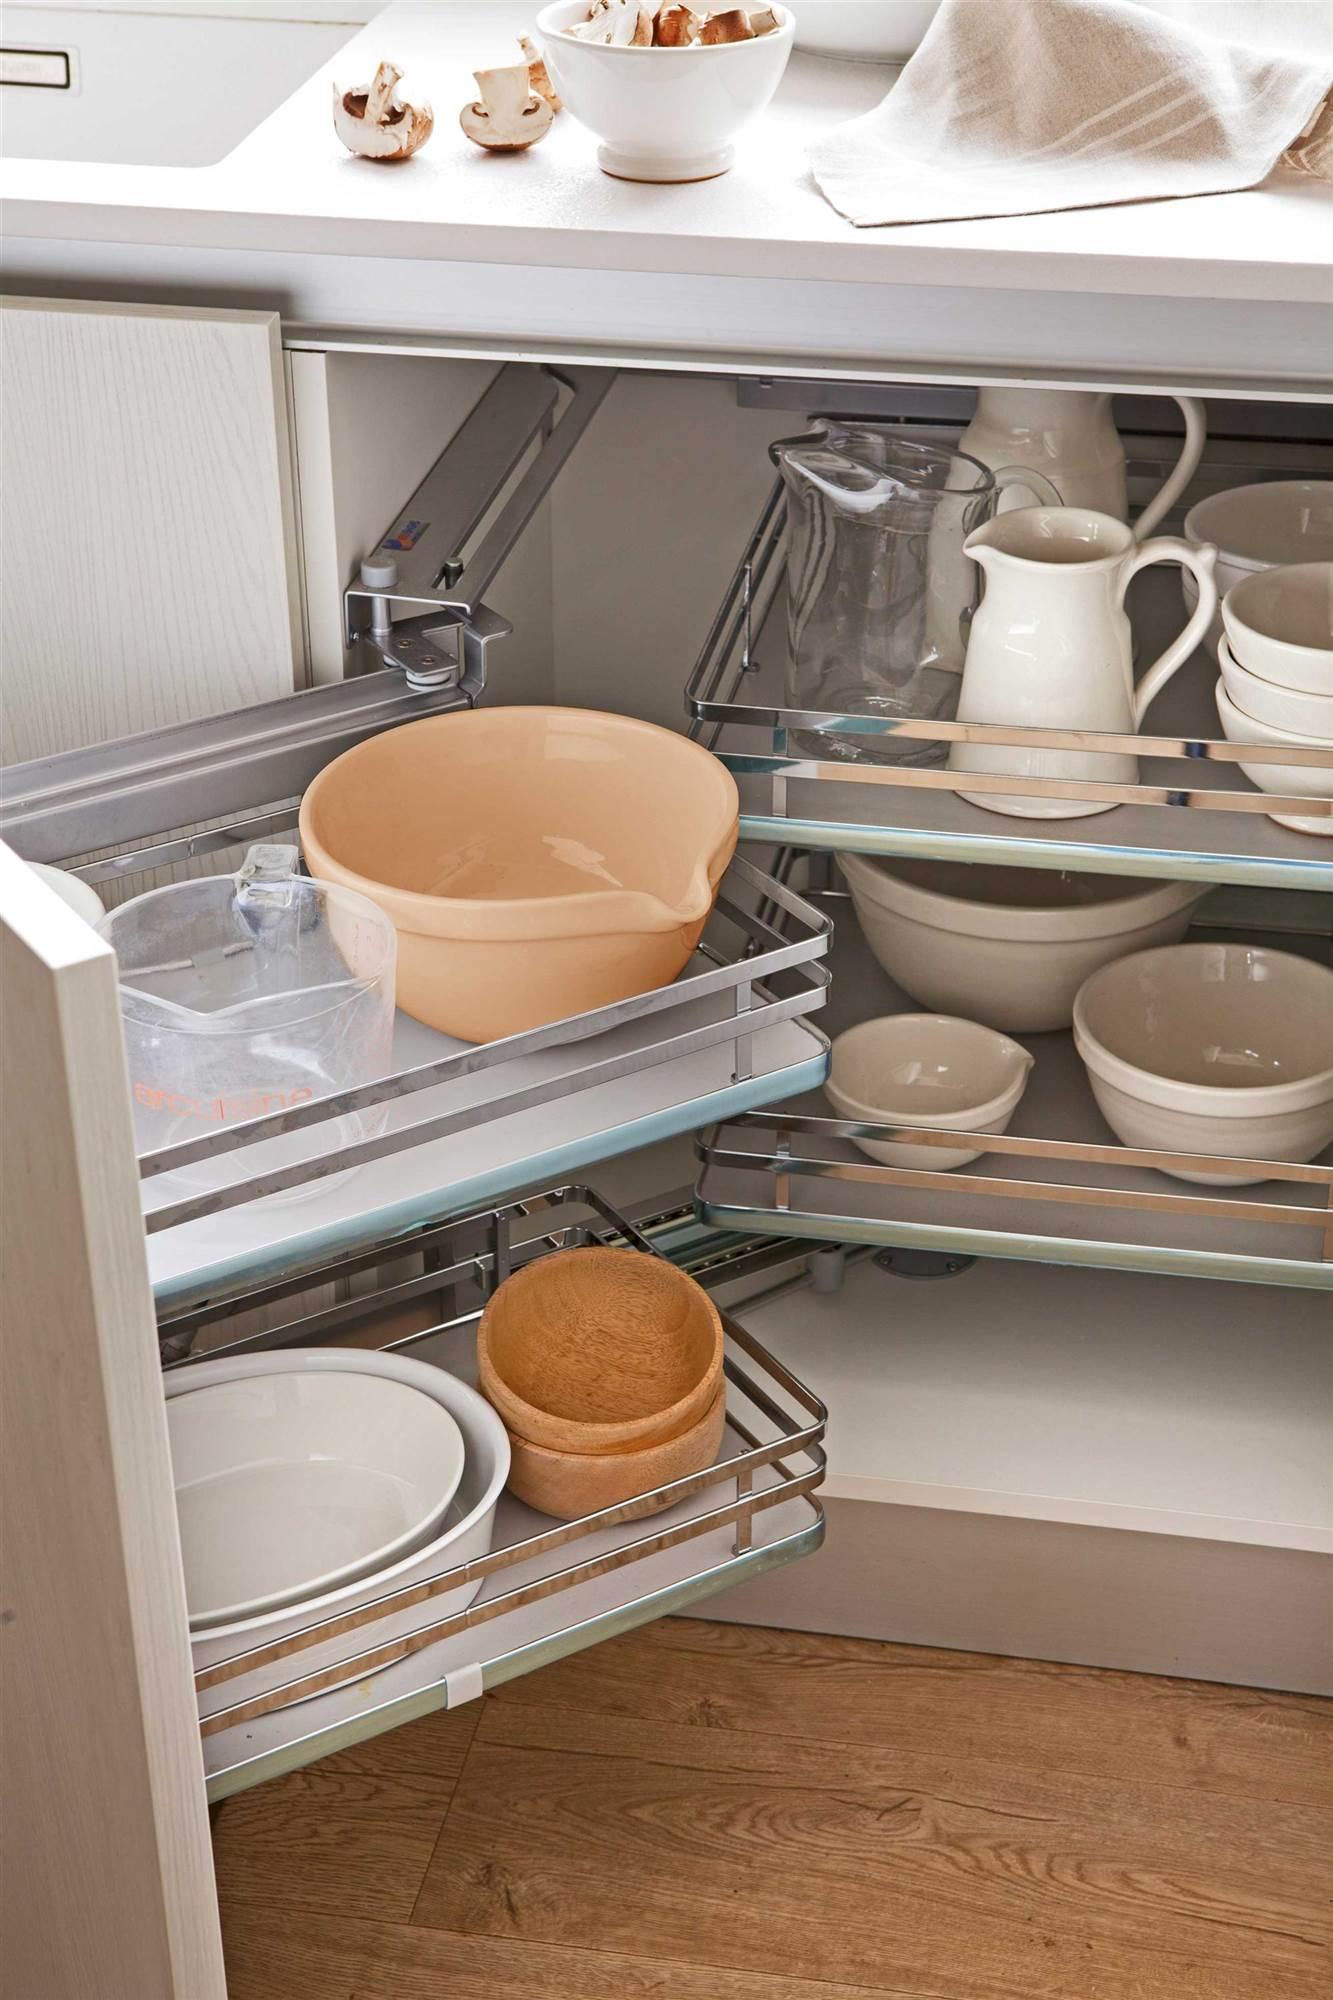 cocinas pequeas sistemas opt detalle de la vajilla guardada en